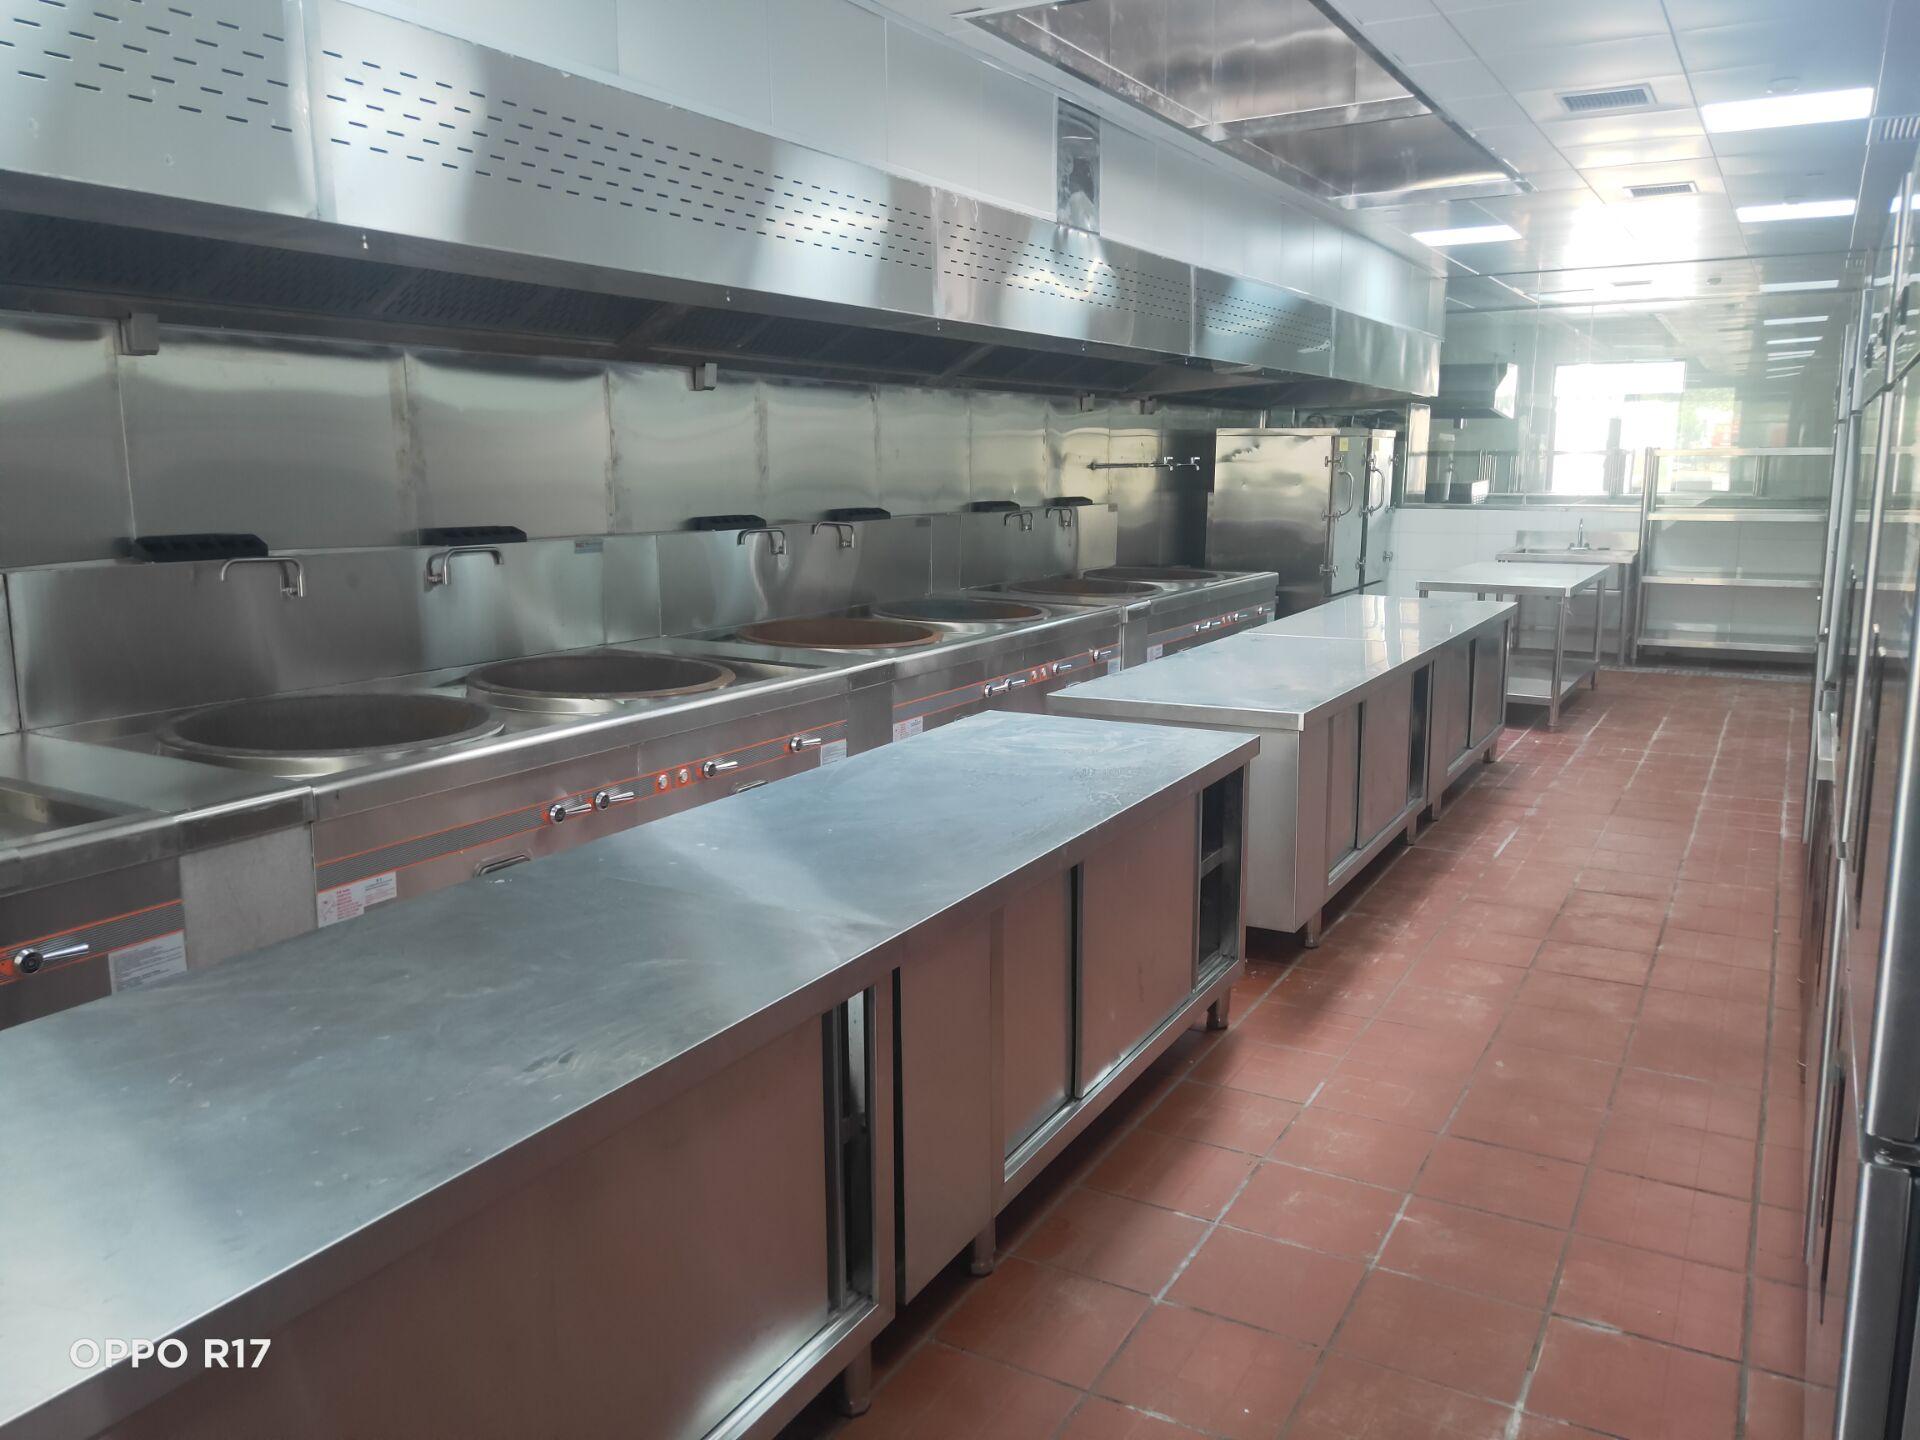 航头护理院厨房不锈钢操作台设备